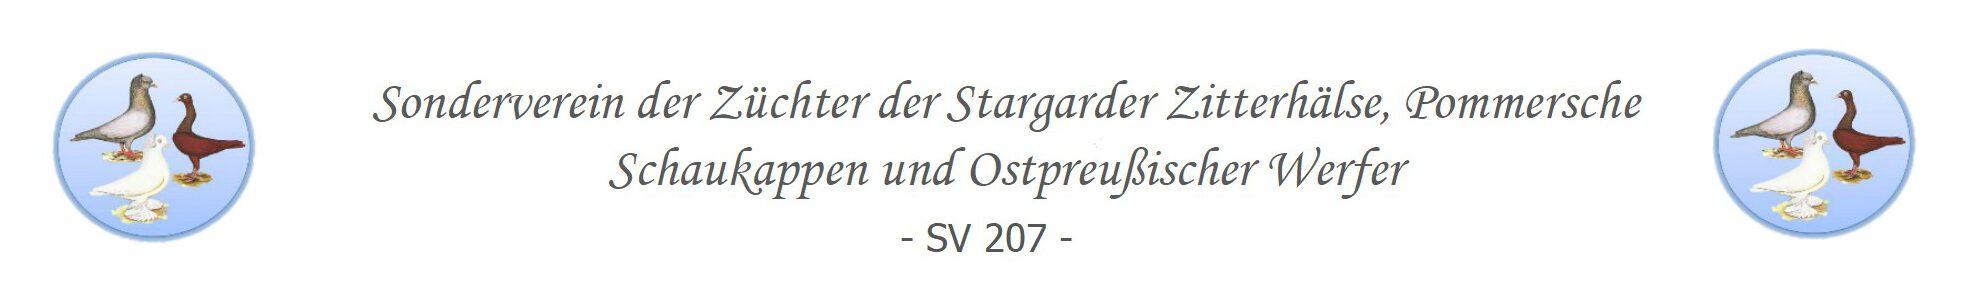 Sonderverein der Züchter der Stargarder Zitterhälse, Pommerschen Schaukappen und Ostpreußischer Werfer